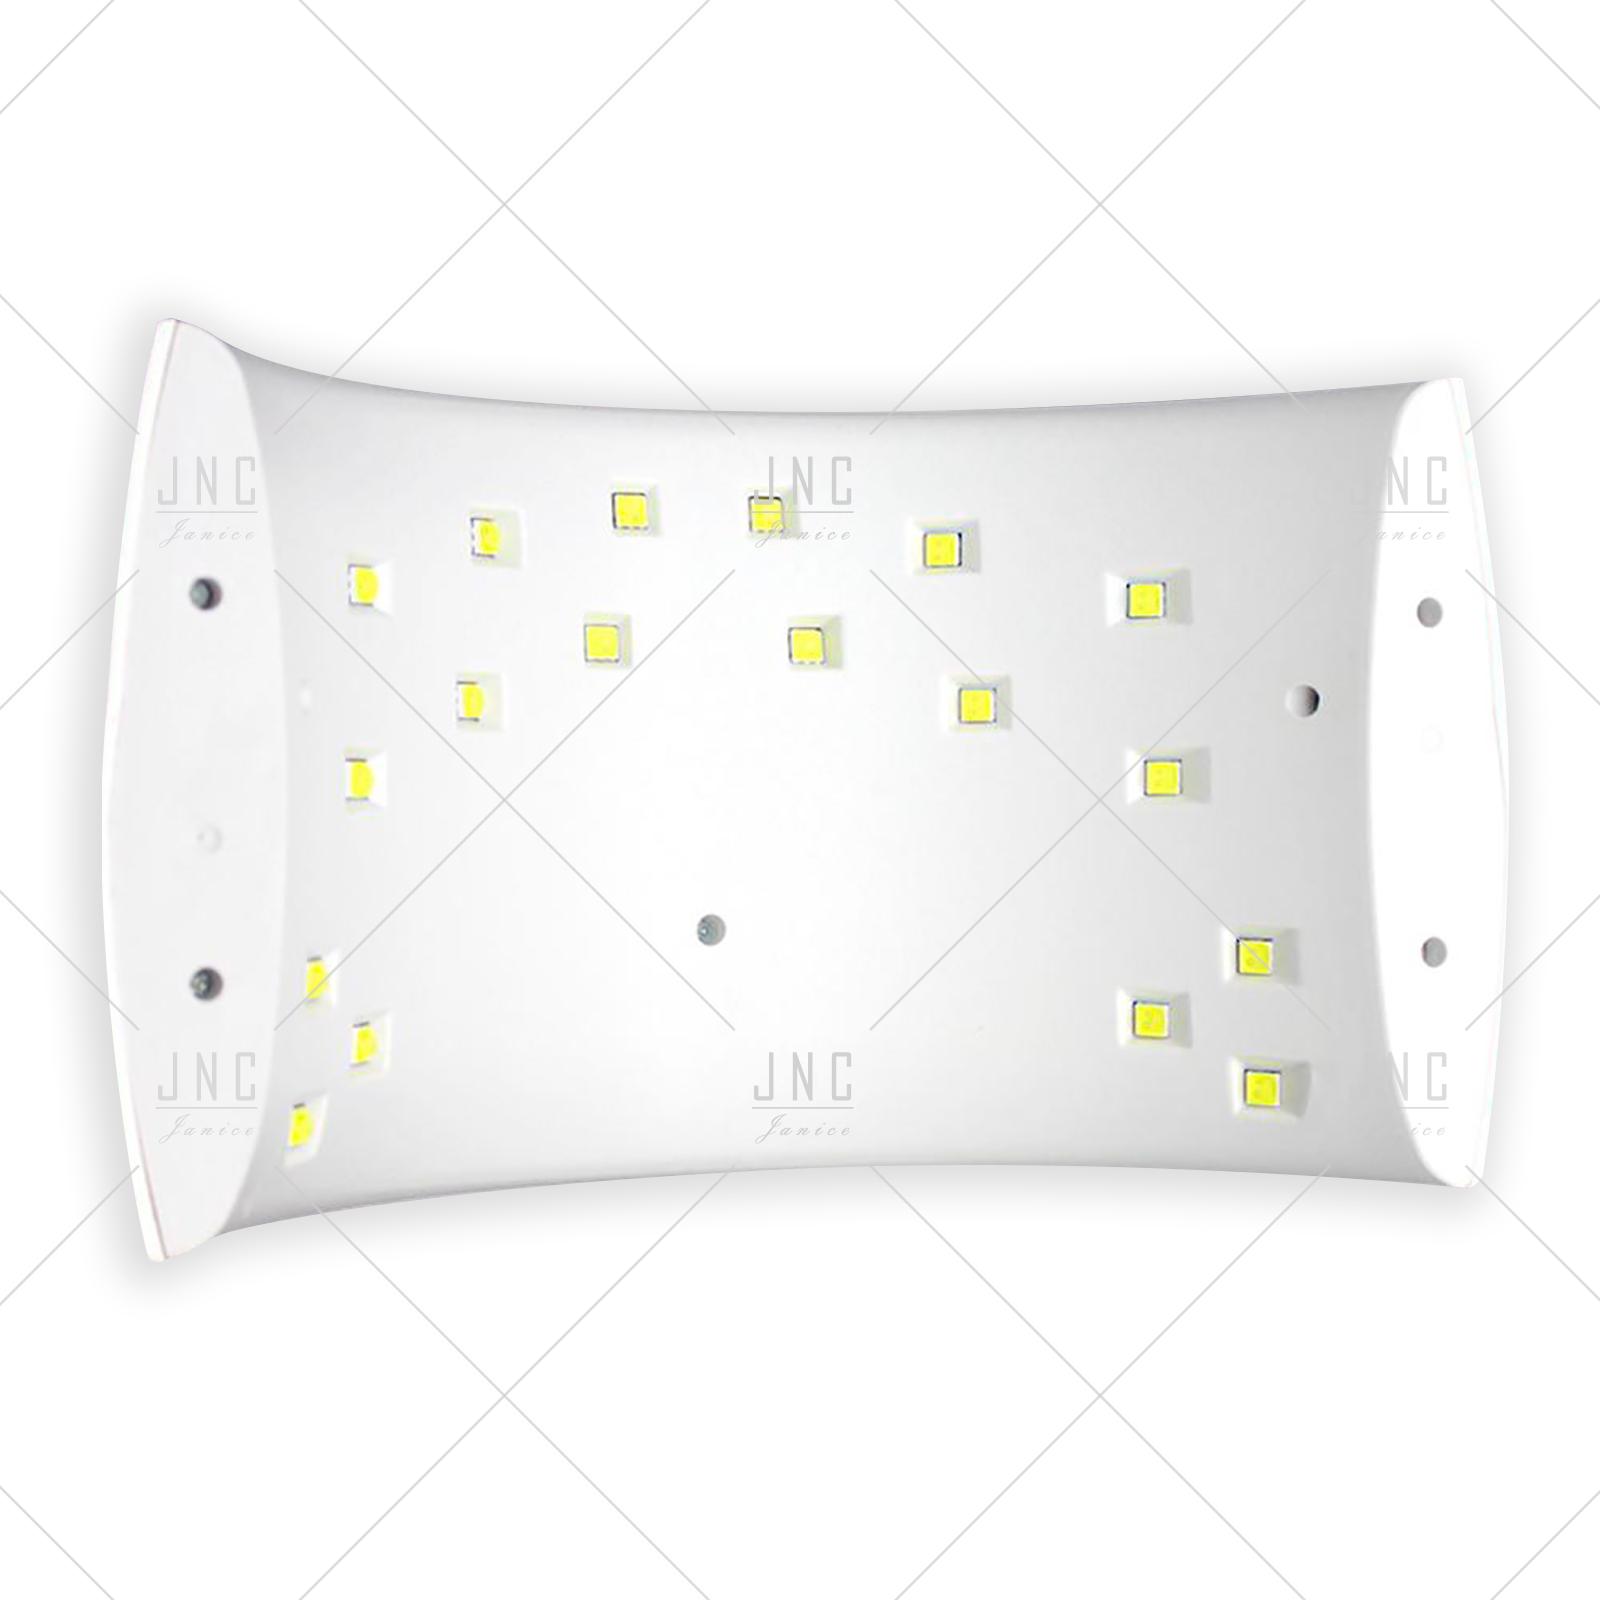 Catalisador UV Led | 36W | Sun 9 S Plus | Ref.861864